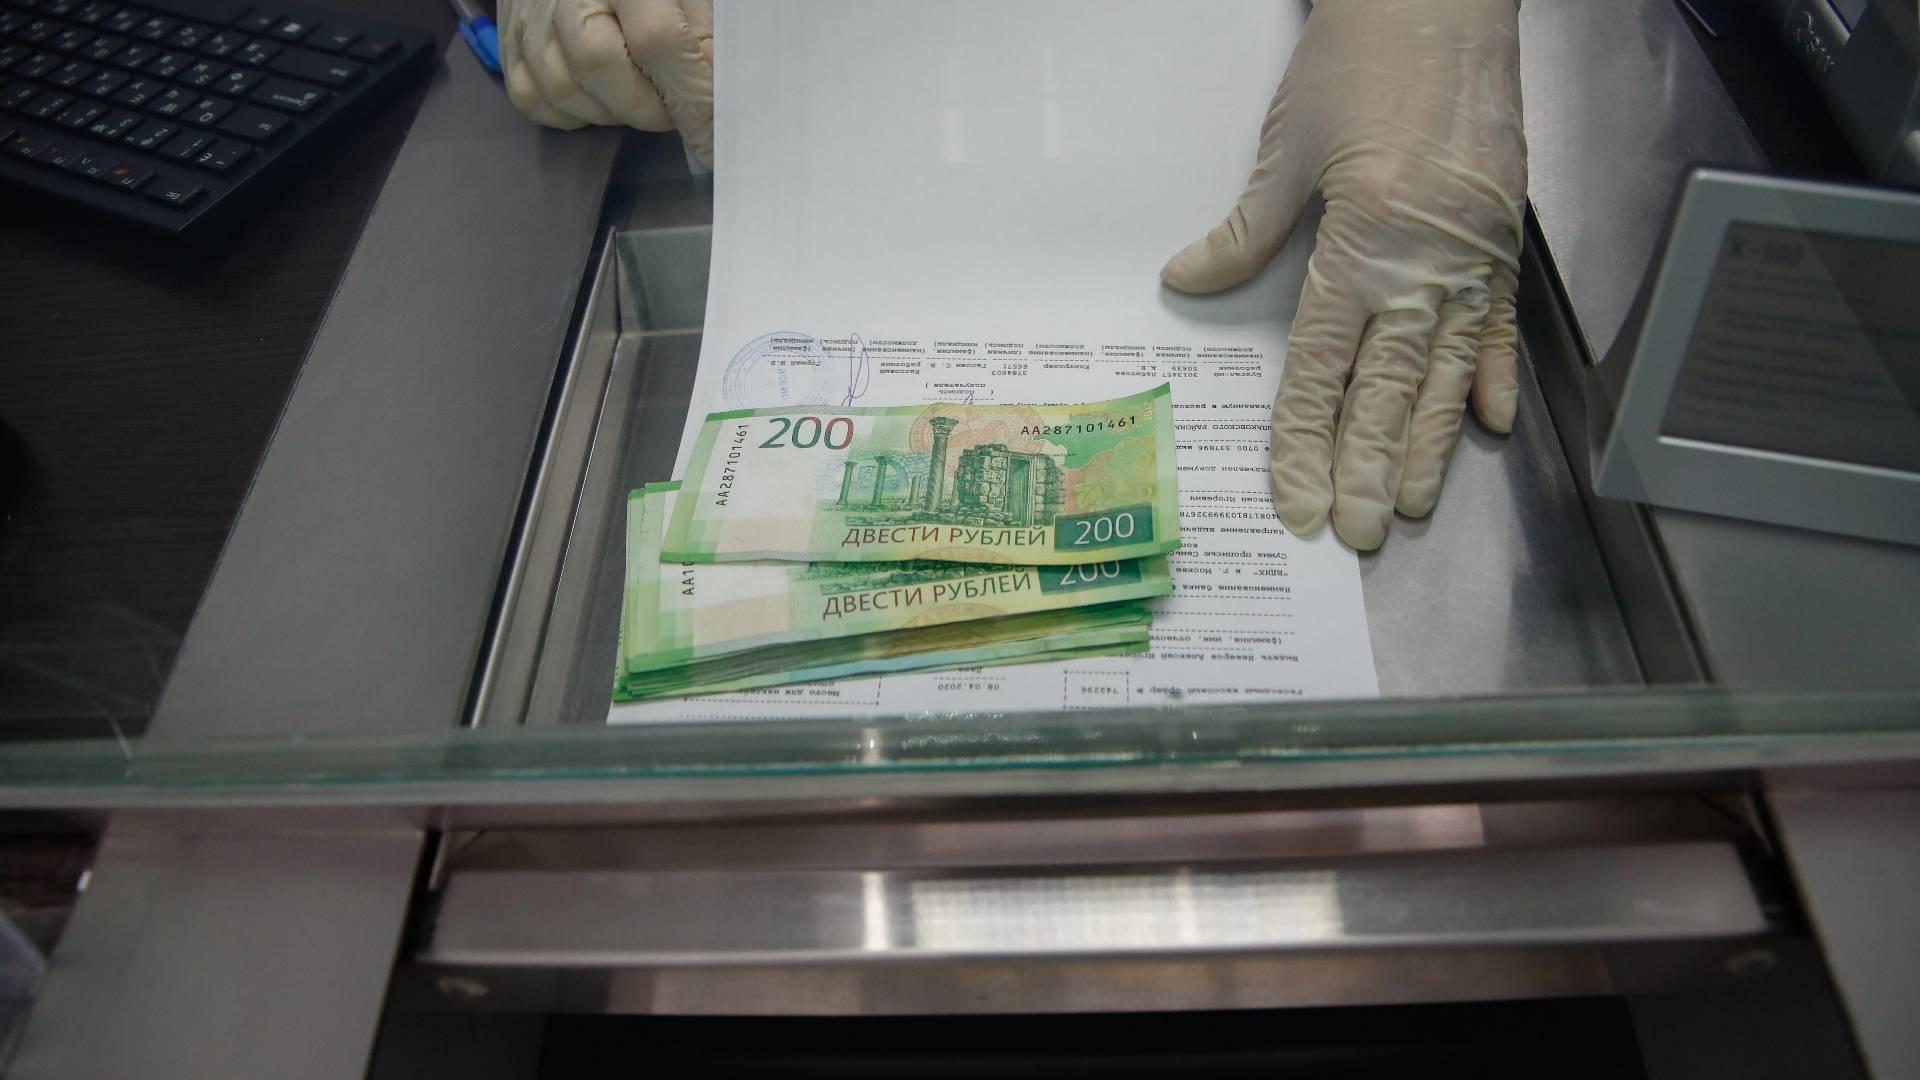 За коронавирус снова заплатят. Кто получил право на прибавки, дополнительные льготы и компенсации